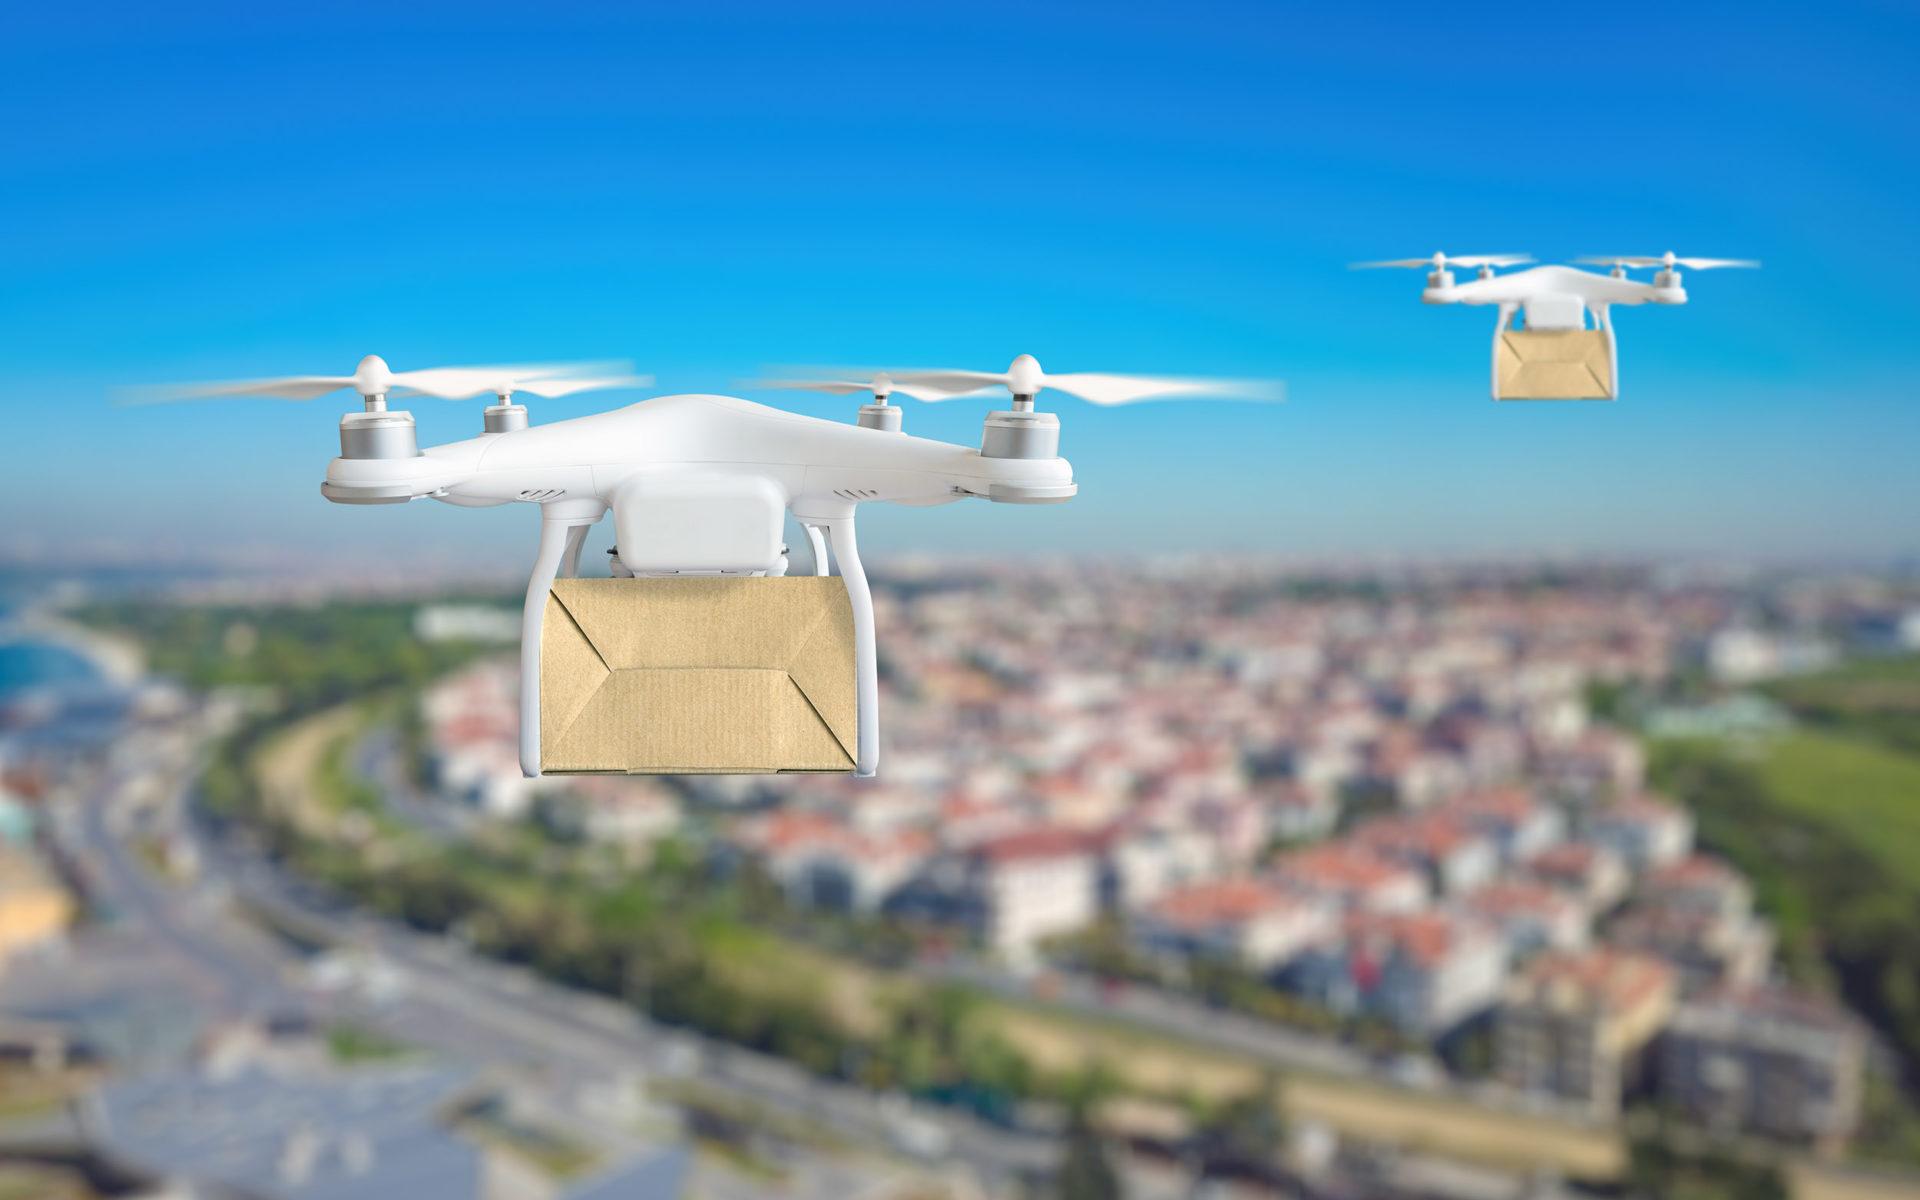 Citylogistiikan uudet ratkaisut – digitalisaation vauhdittamaa viimeisen kilometrin jakelua